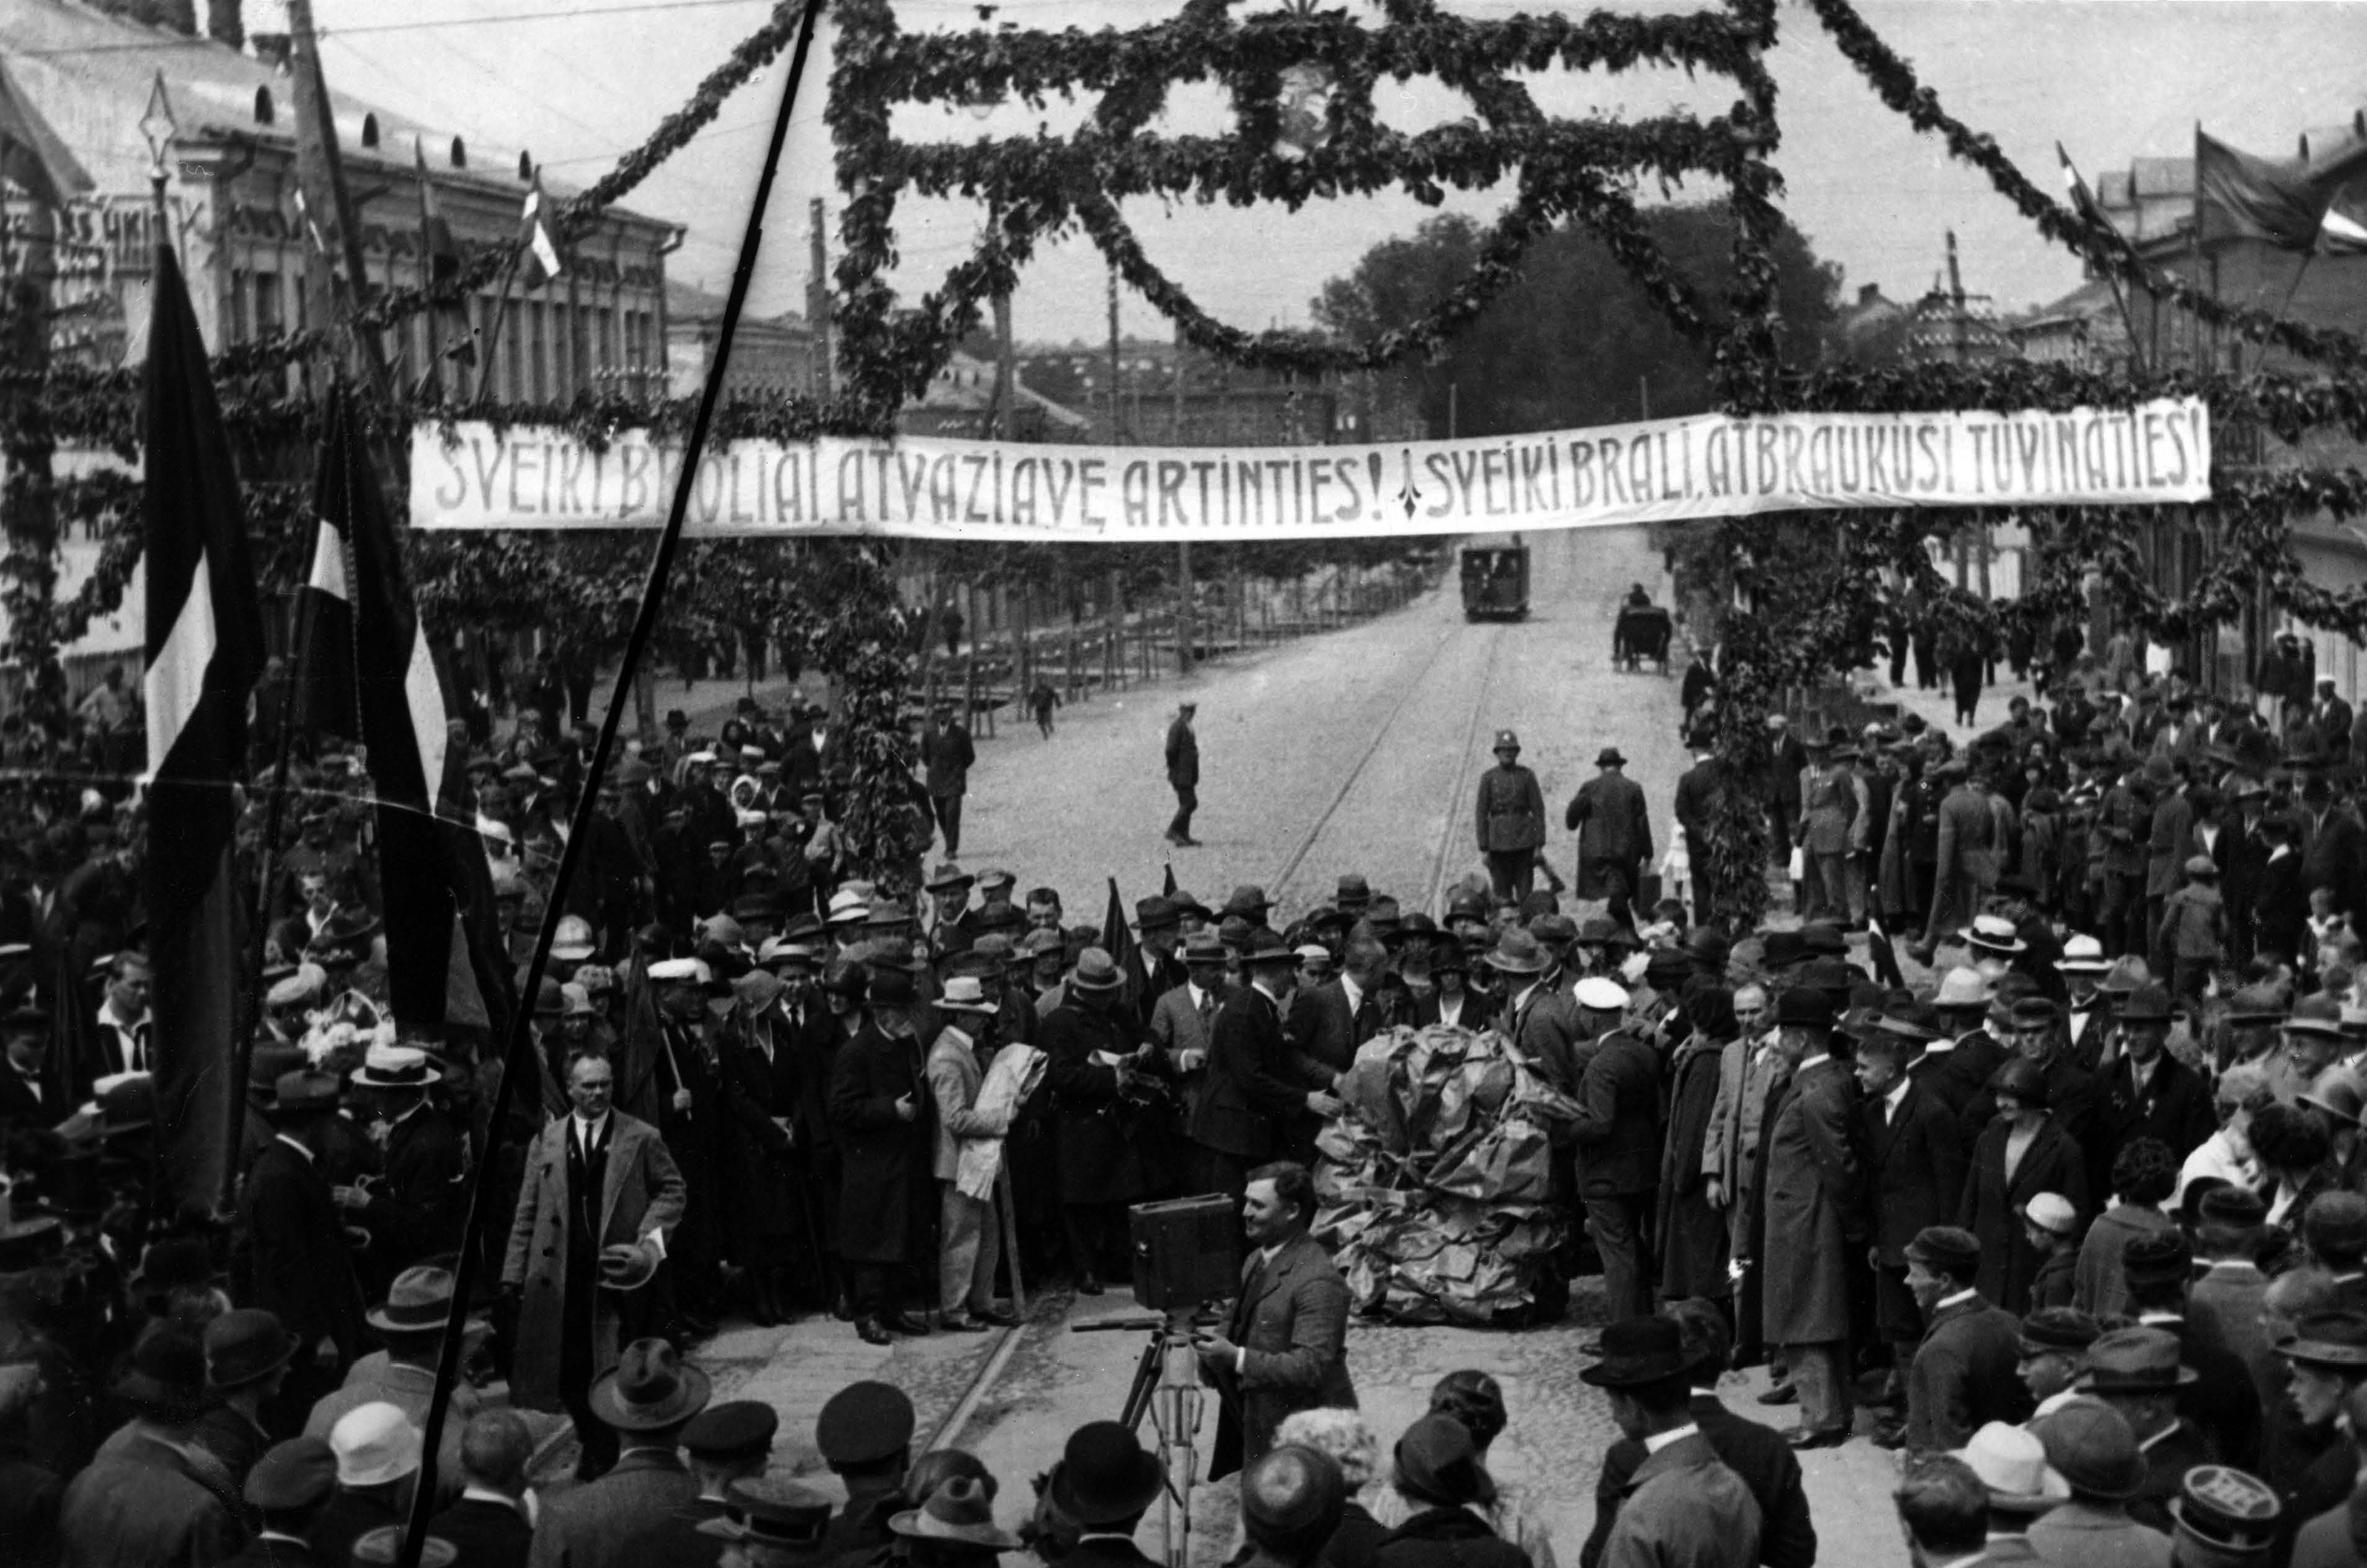 Kauniečiai pasitinka Latvijos delegaciją, atvykusią į lietuvių ir latvių vienybės II kongresą 1925 m. birželio 21 d. | LCVA nuotr.